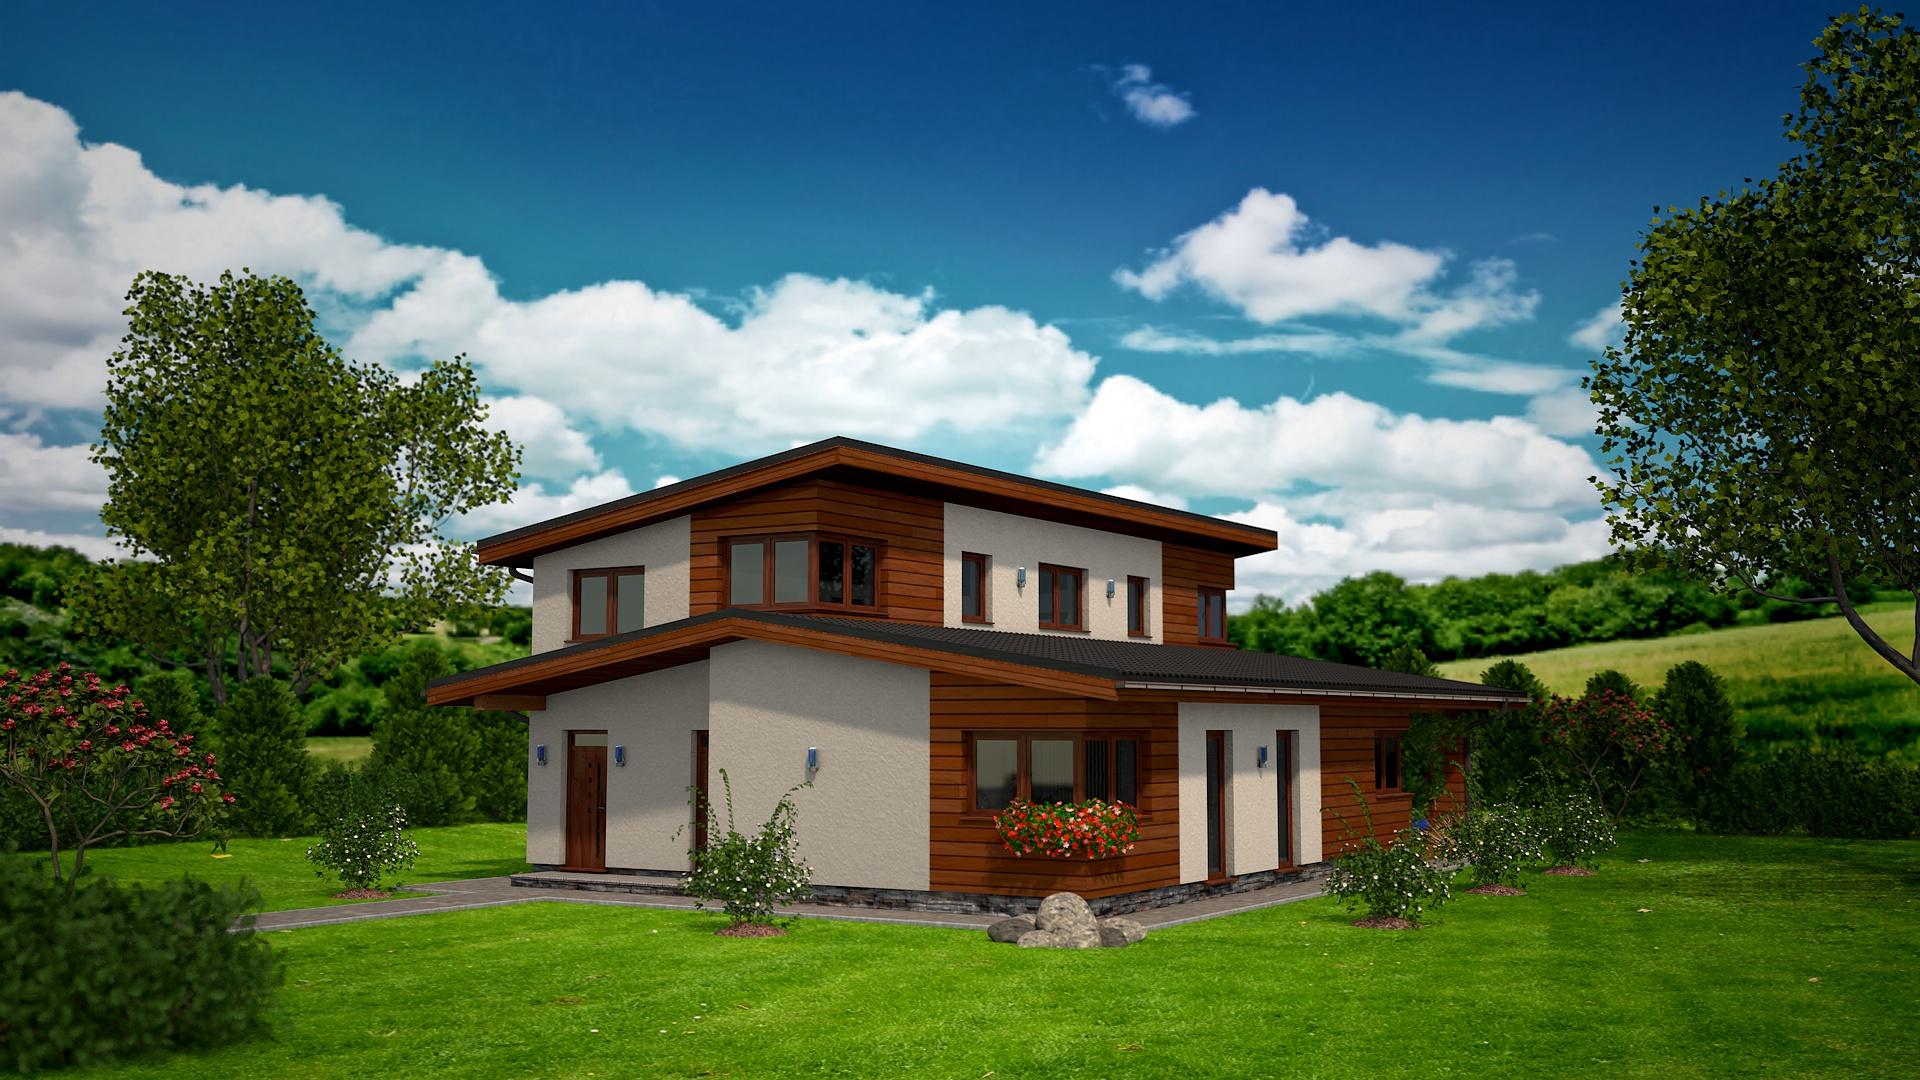 Projekt rodinného domu RM 169